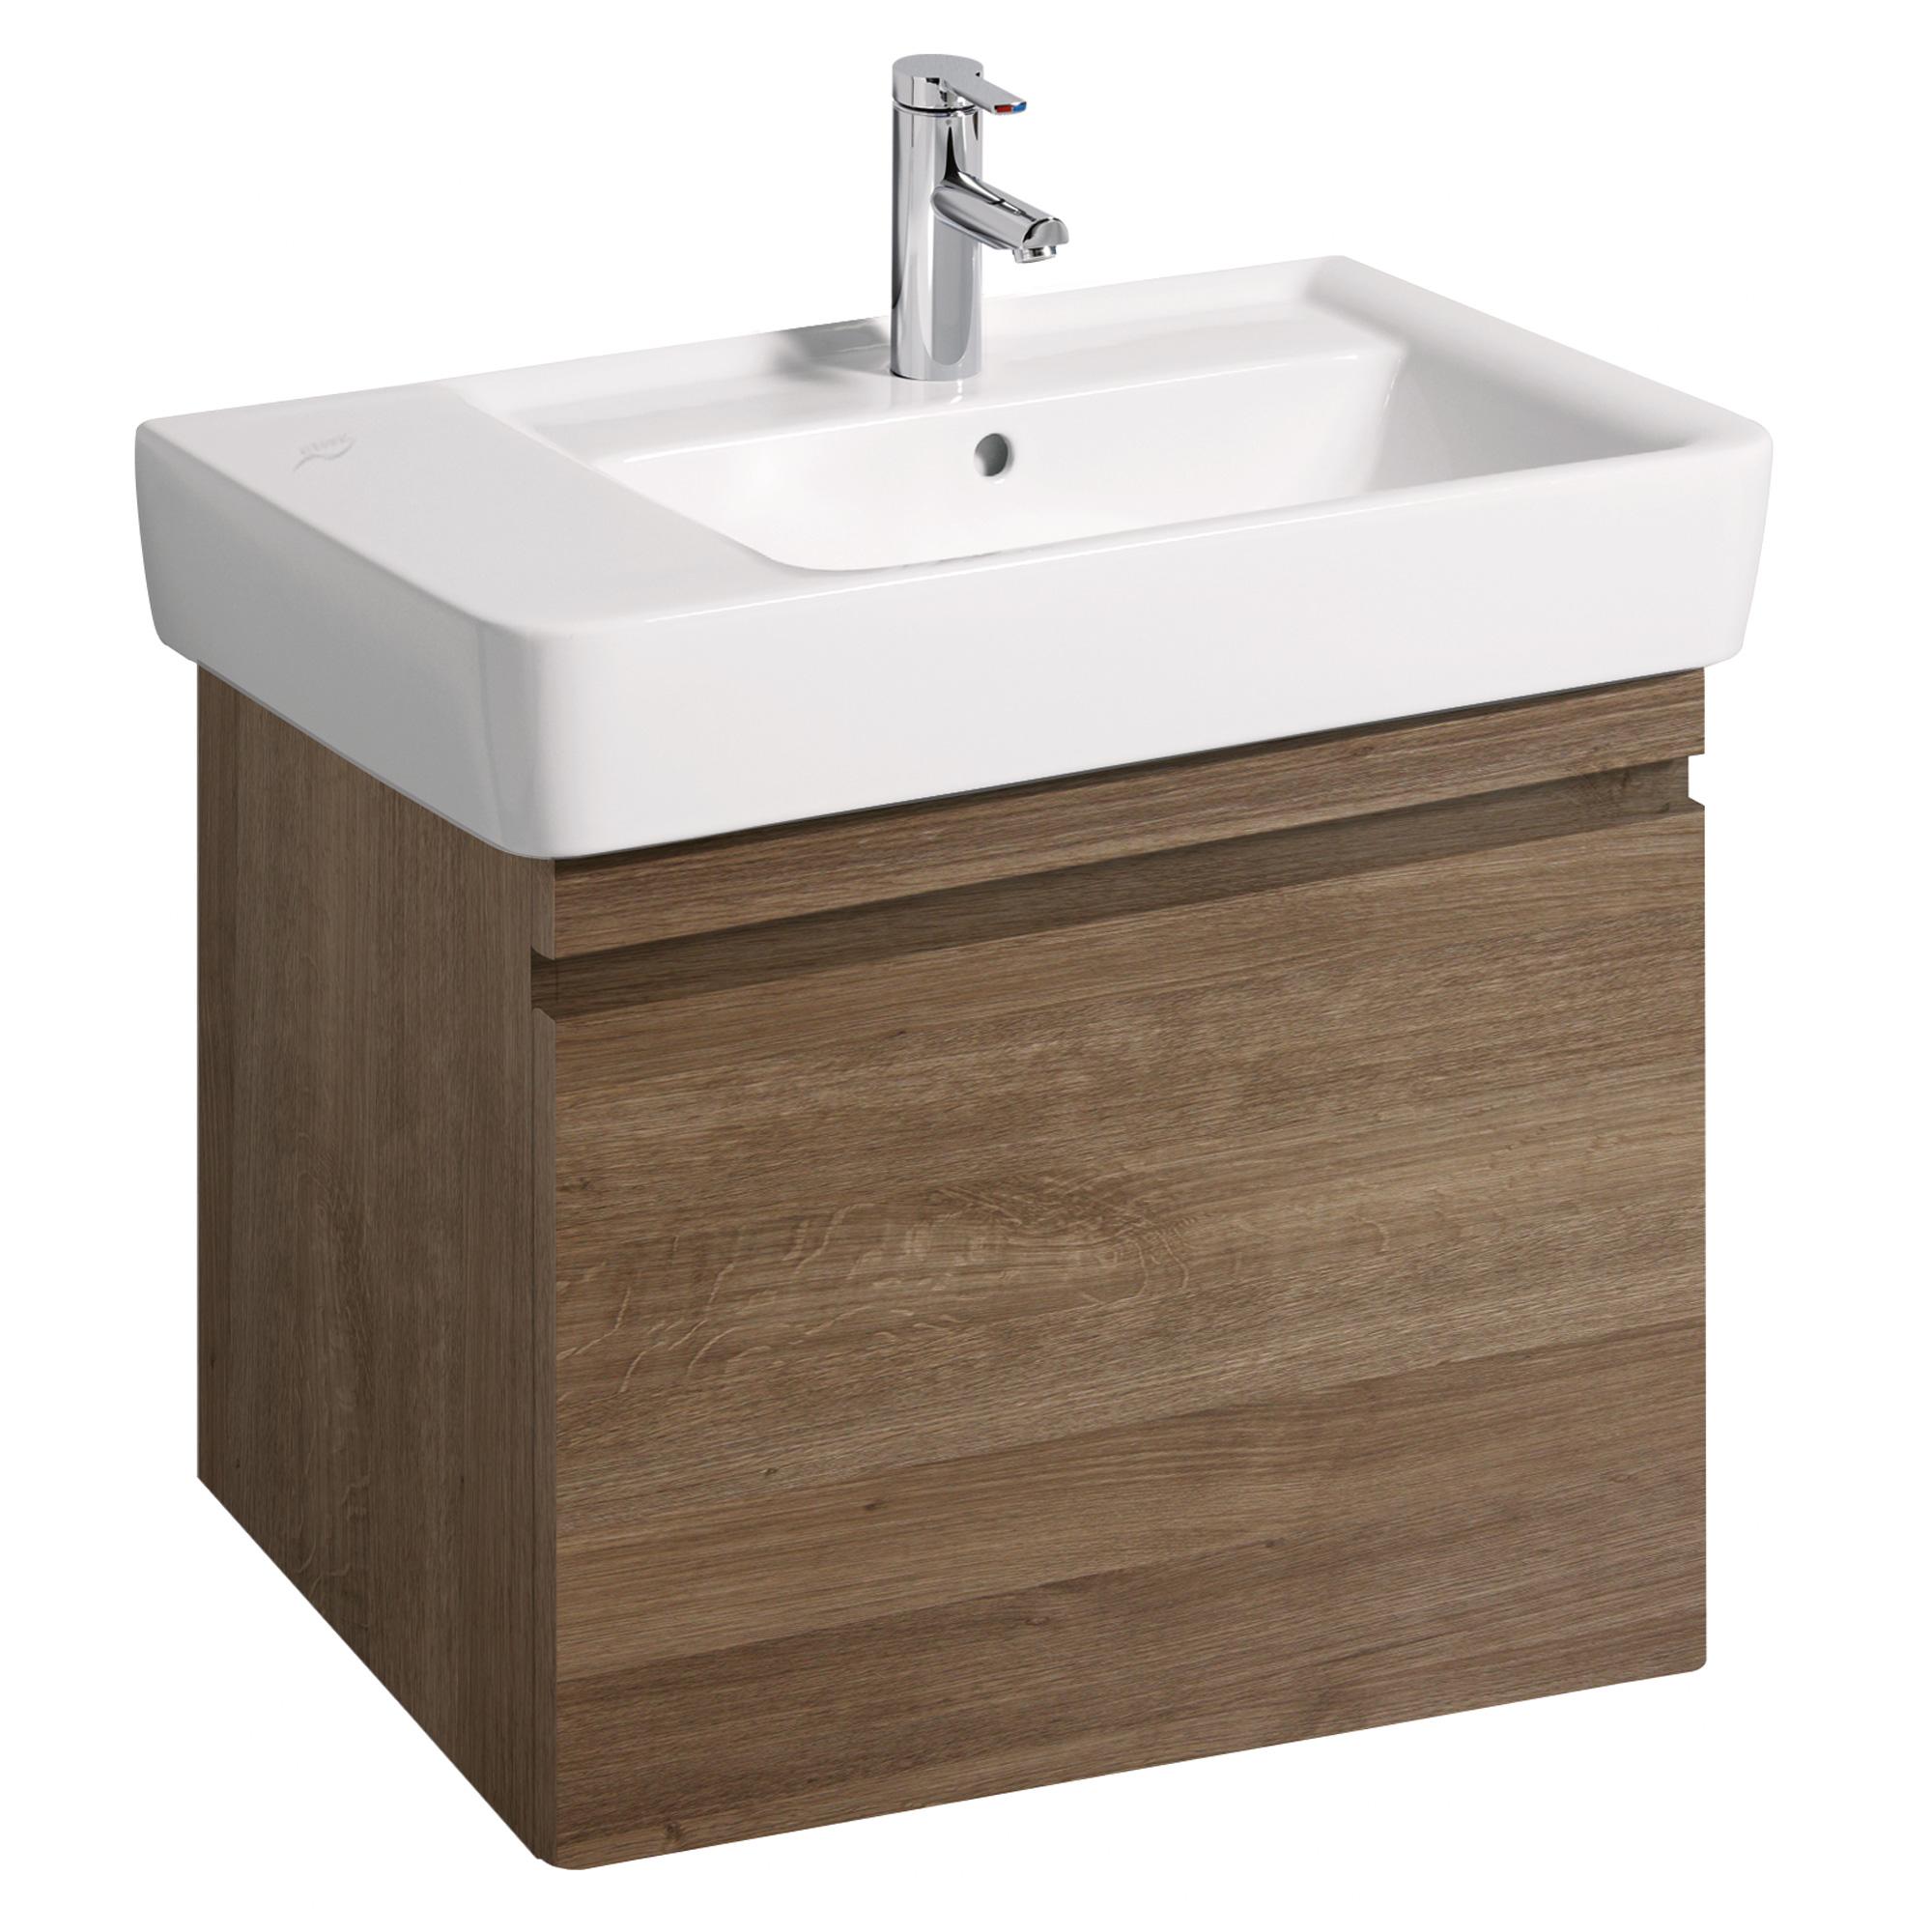 keramag renova nr 1 plan waschtischunterschrank b 67 6 h 58 6 t 43 8 cm front und korpus. Black Bedroom Furniture Sets. Home Design Ideas